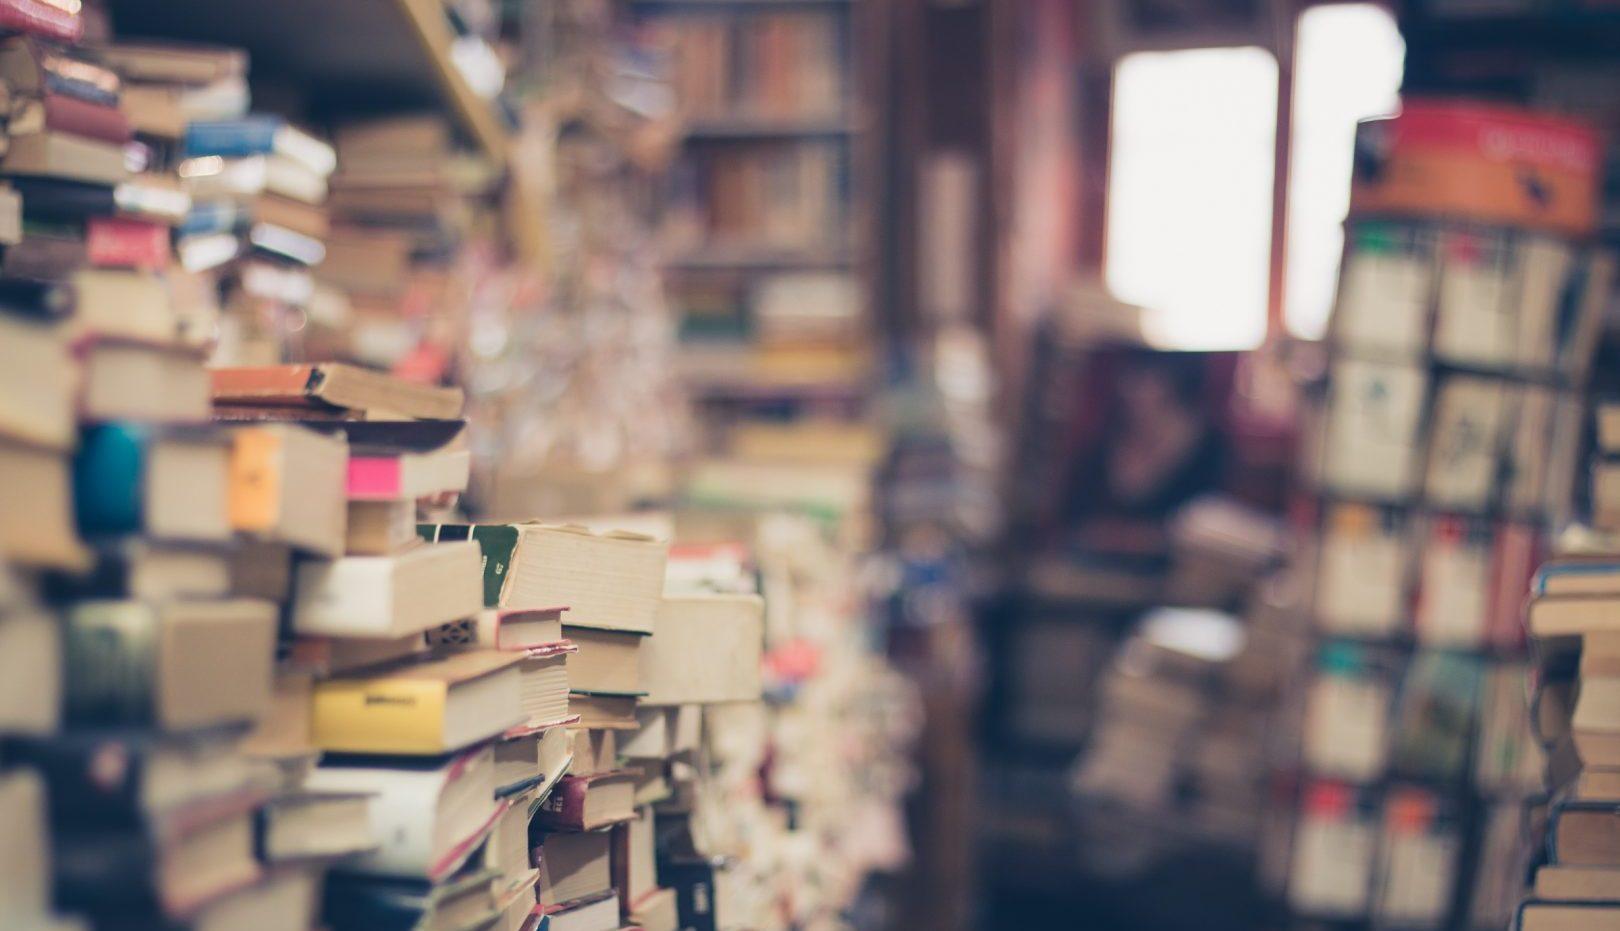 I libri costano troppo